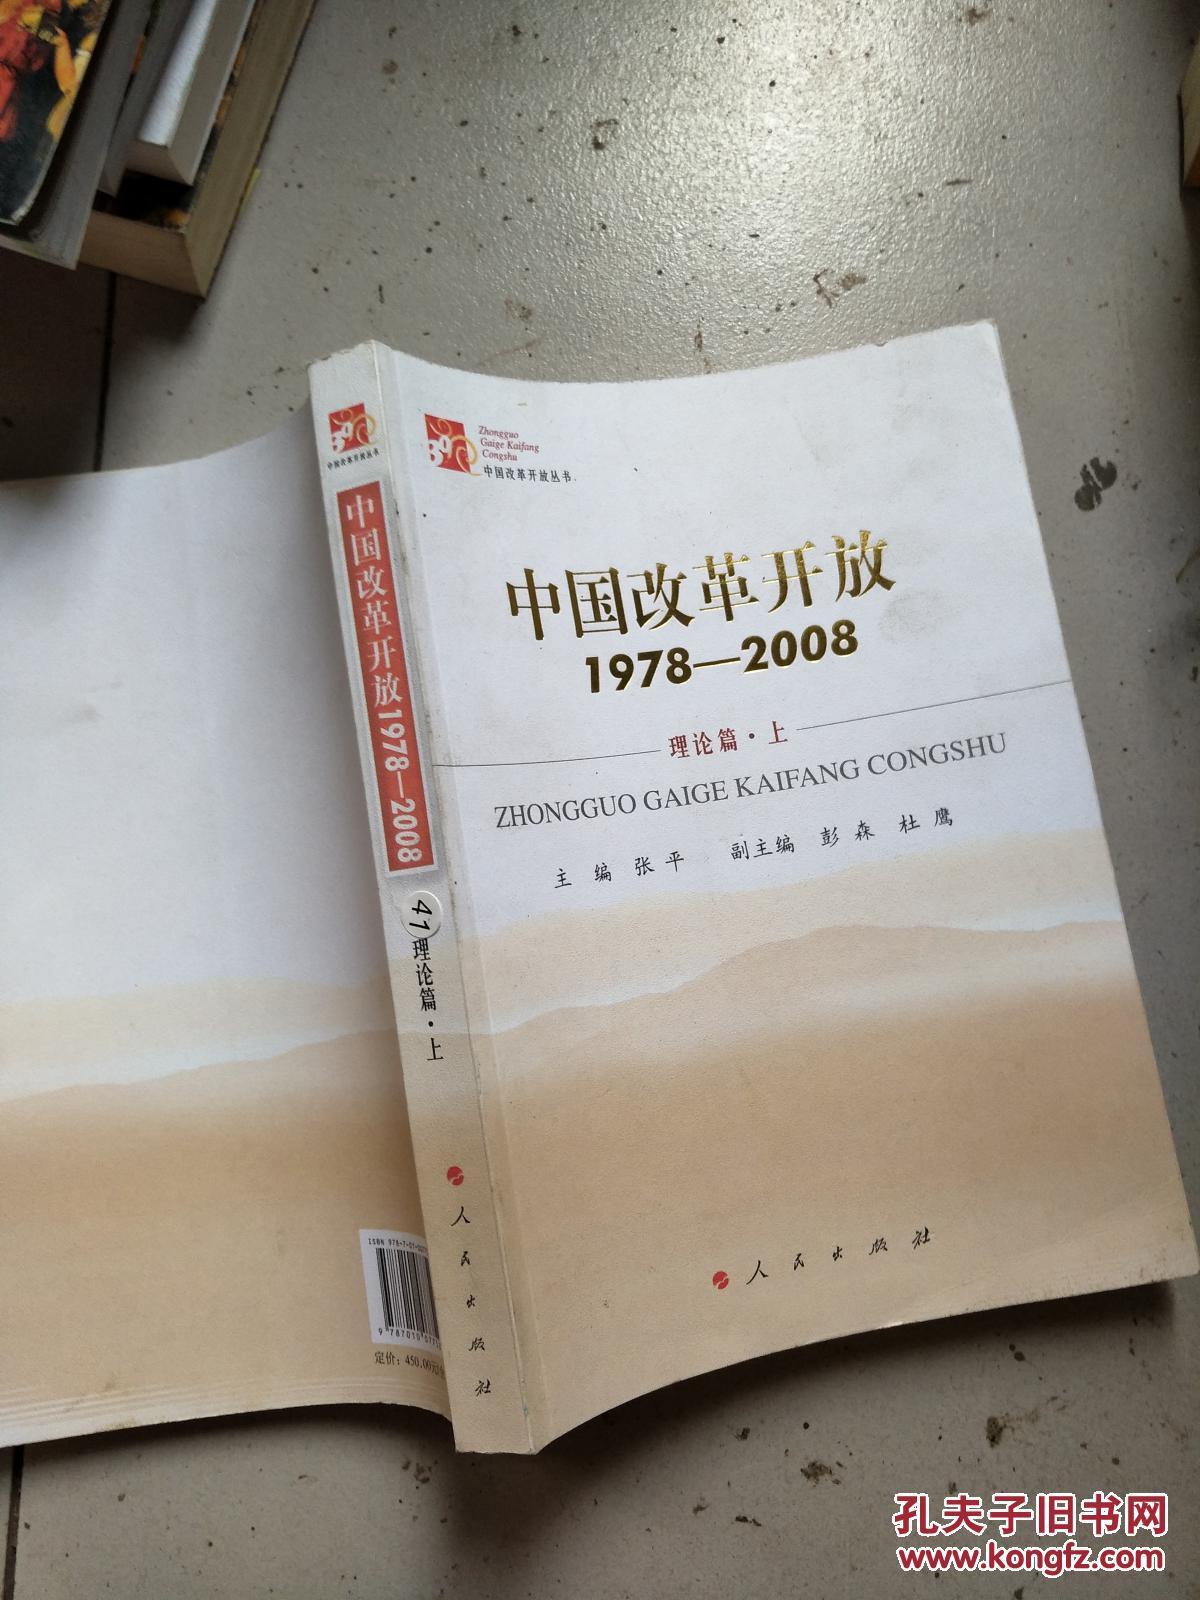 【图】中国改革开放1978-2008理论篇上_人民